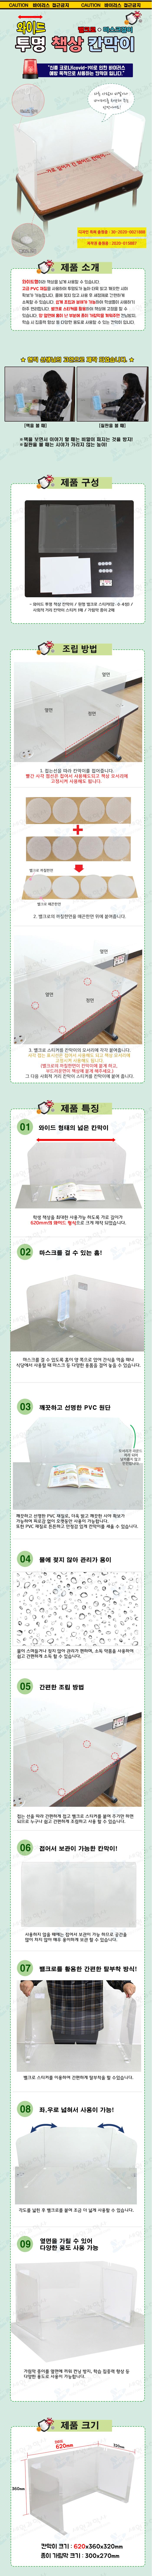 와이드 투명 책상 칸막이 밸크로 마스크걸이용.jpg